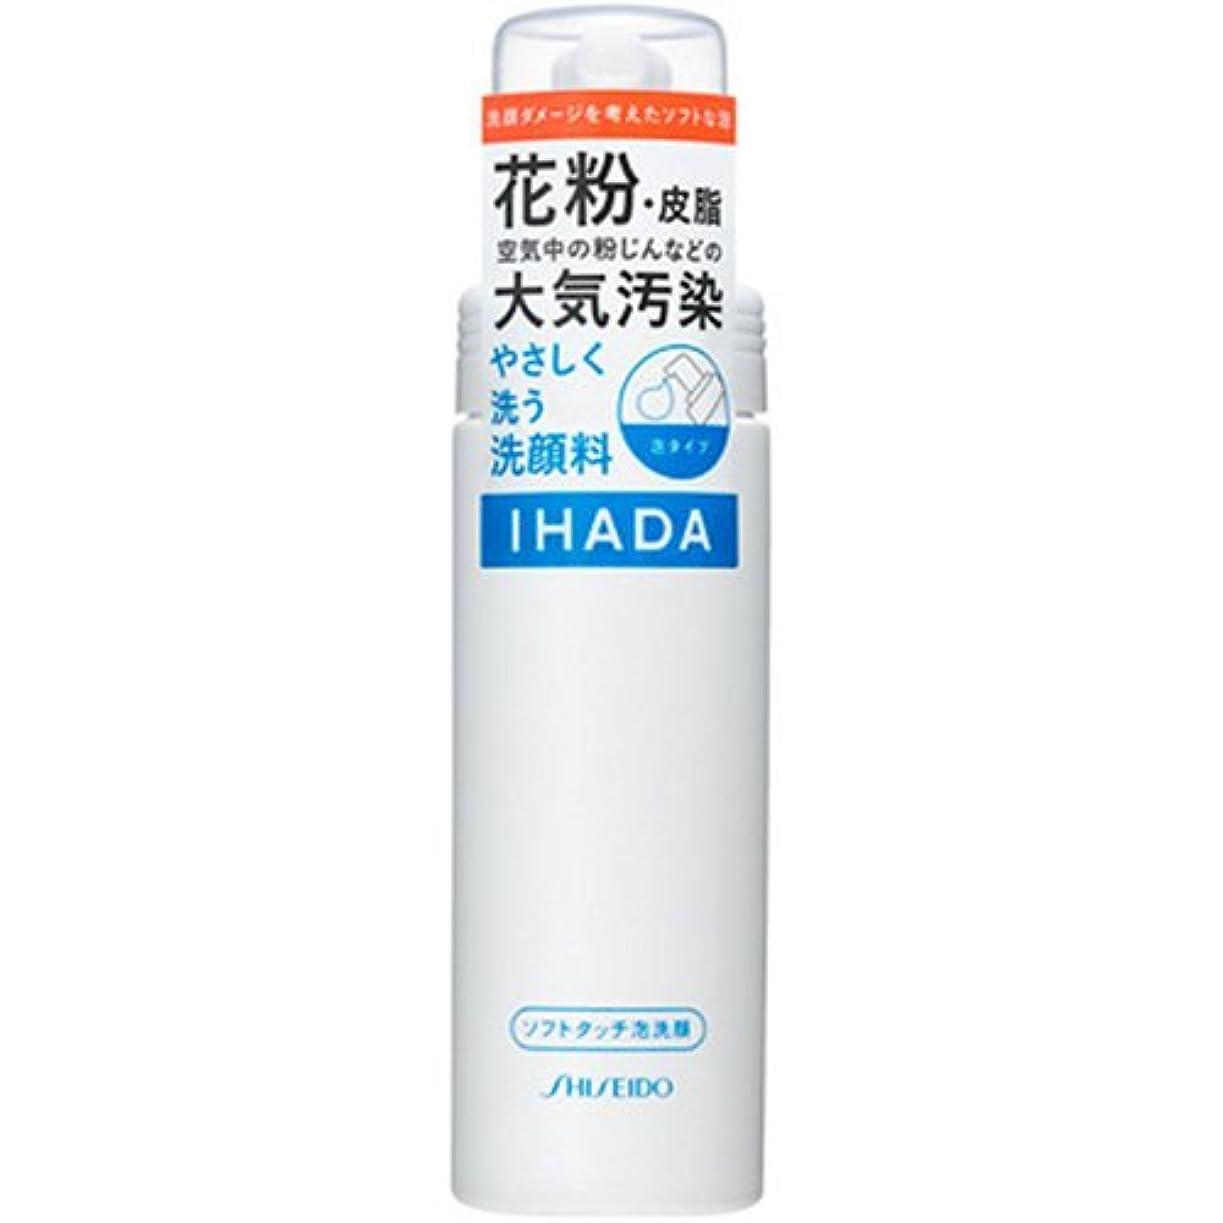 ひまわりエンコミウム眉をひそめるイハダ ソフトタッチ泡洗顔 120ml